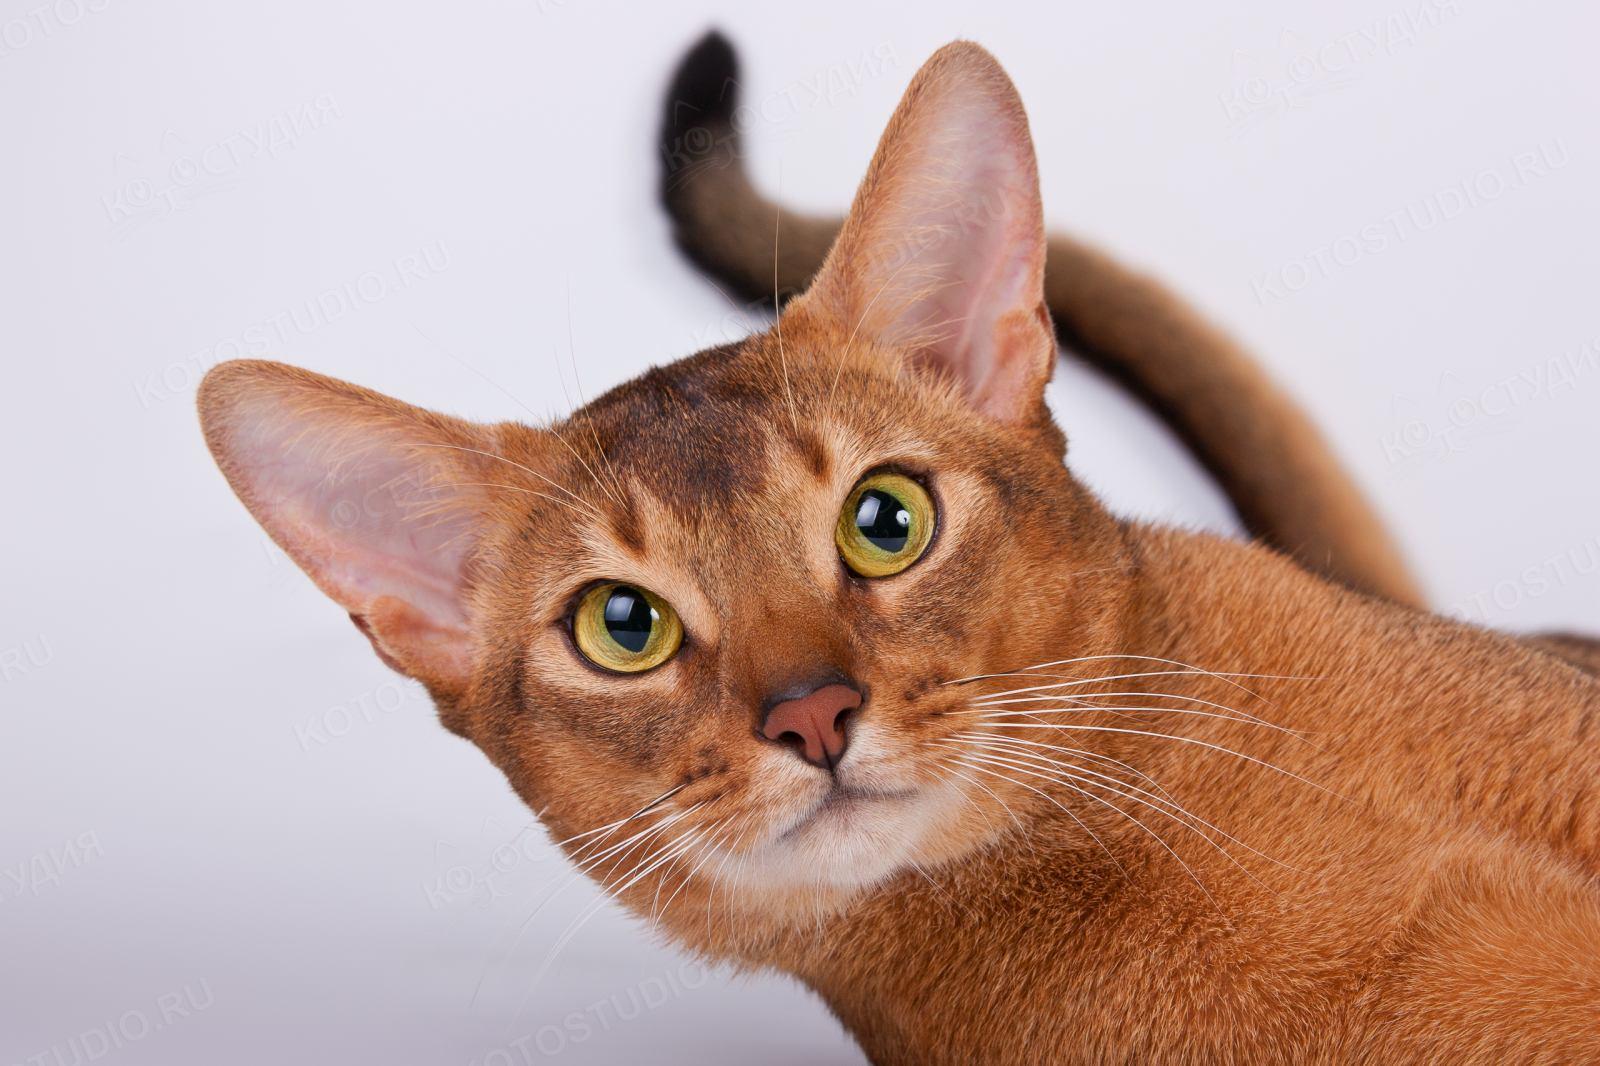 ребенок поклонник абиссинские кошки европейский тип фото следующая фотогалерея фотками